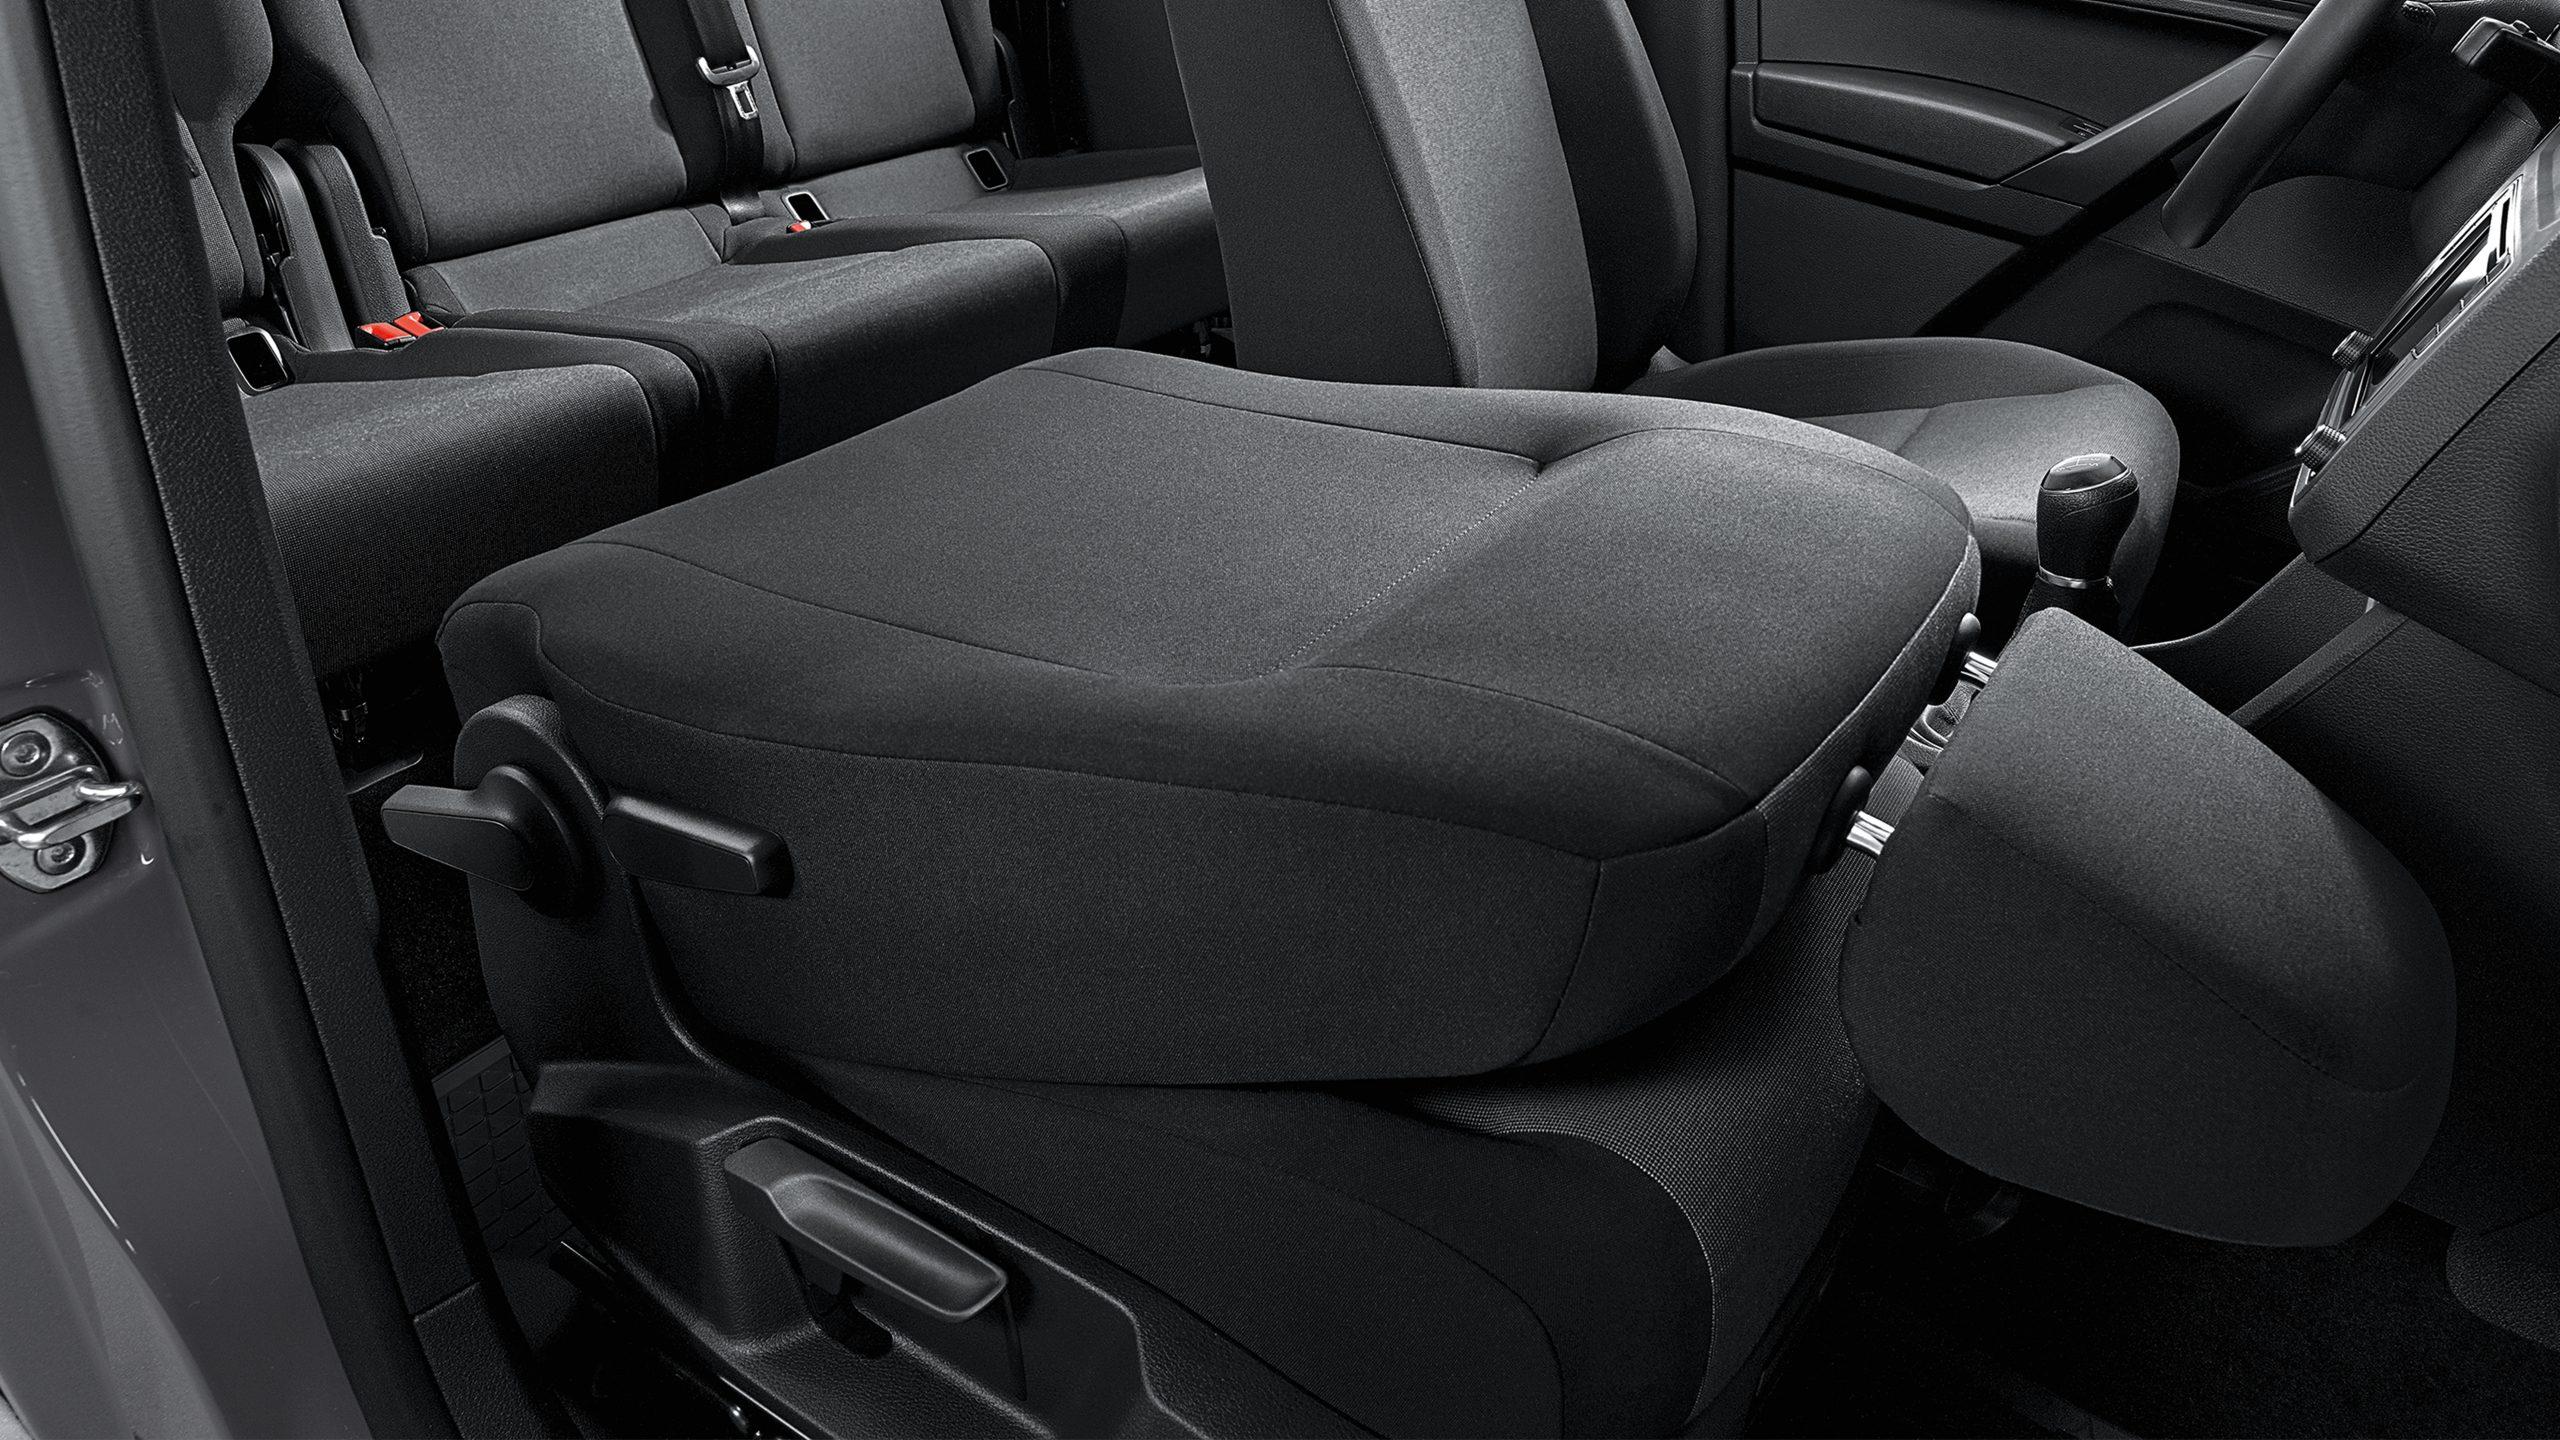 Складная спинка переднего сиденья Фольксваген Кадди грузовой